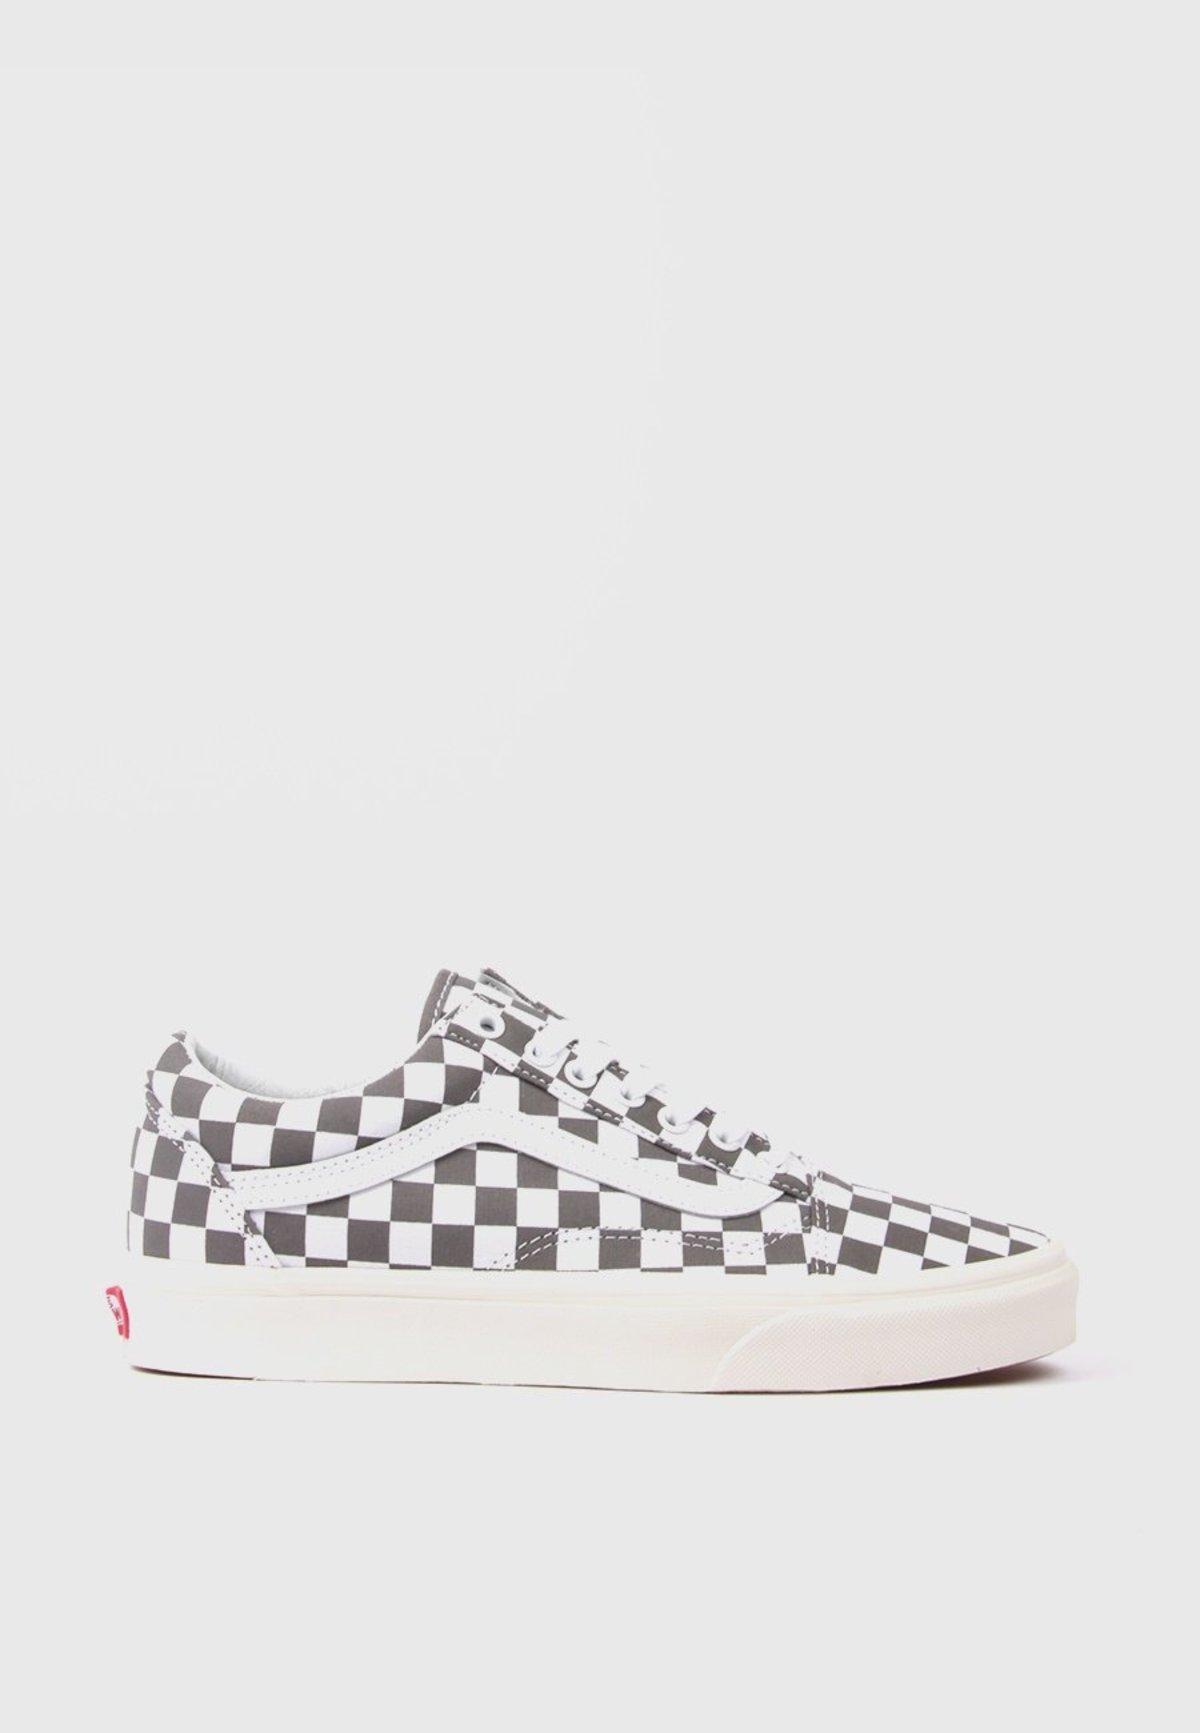 Vans Old Skool Checkerboard Shoe